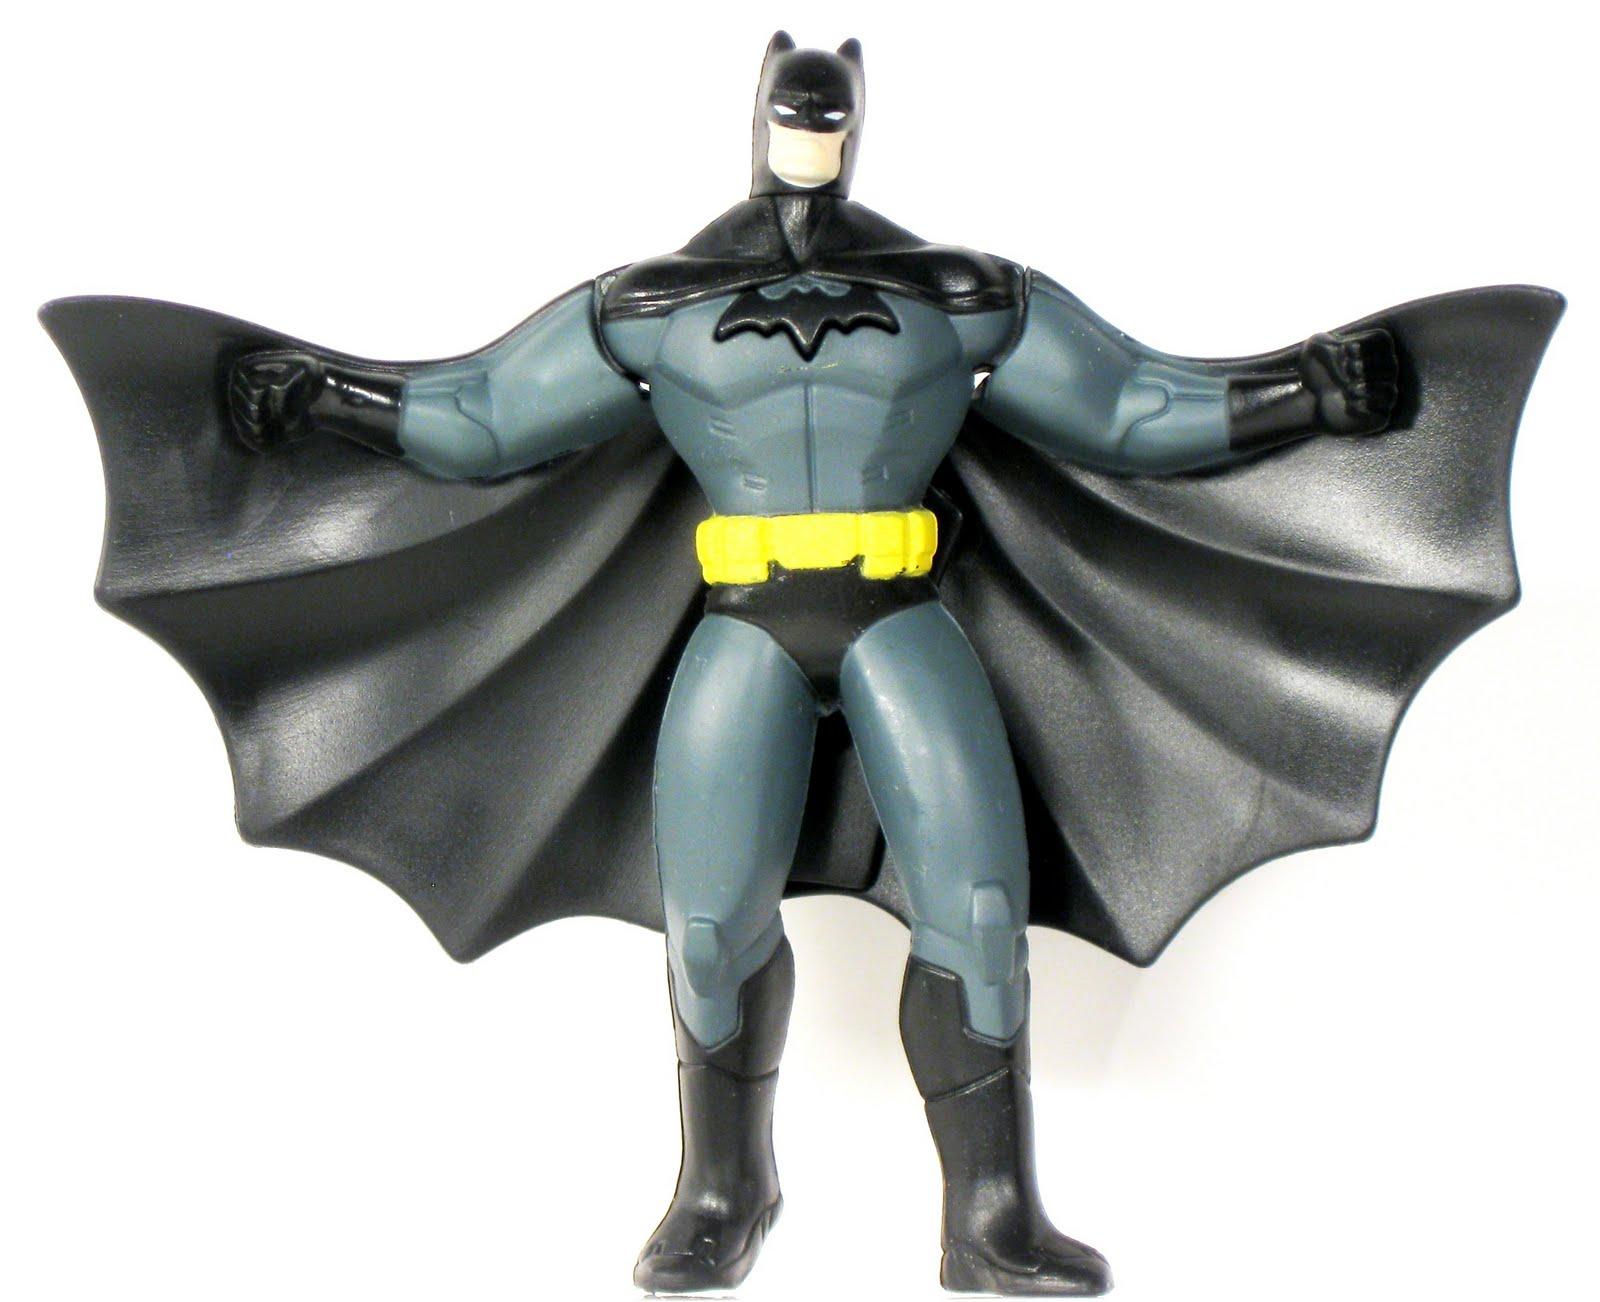 http://1.bp.blogspot.com/-8YCJ5iMSg44/TfTUOz3NAoI/AAAAAAAAB5c/Pd2WmmJqSXI/s1600/McDonald%2527s+2011+Young+Justice+%25232+Batman+2.JPG